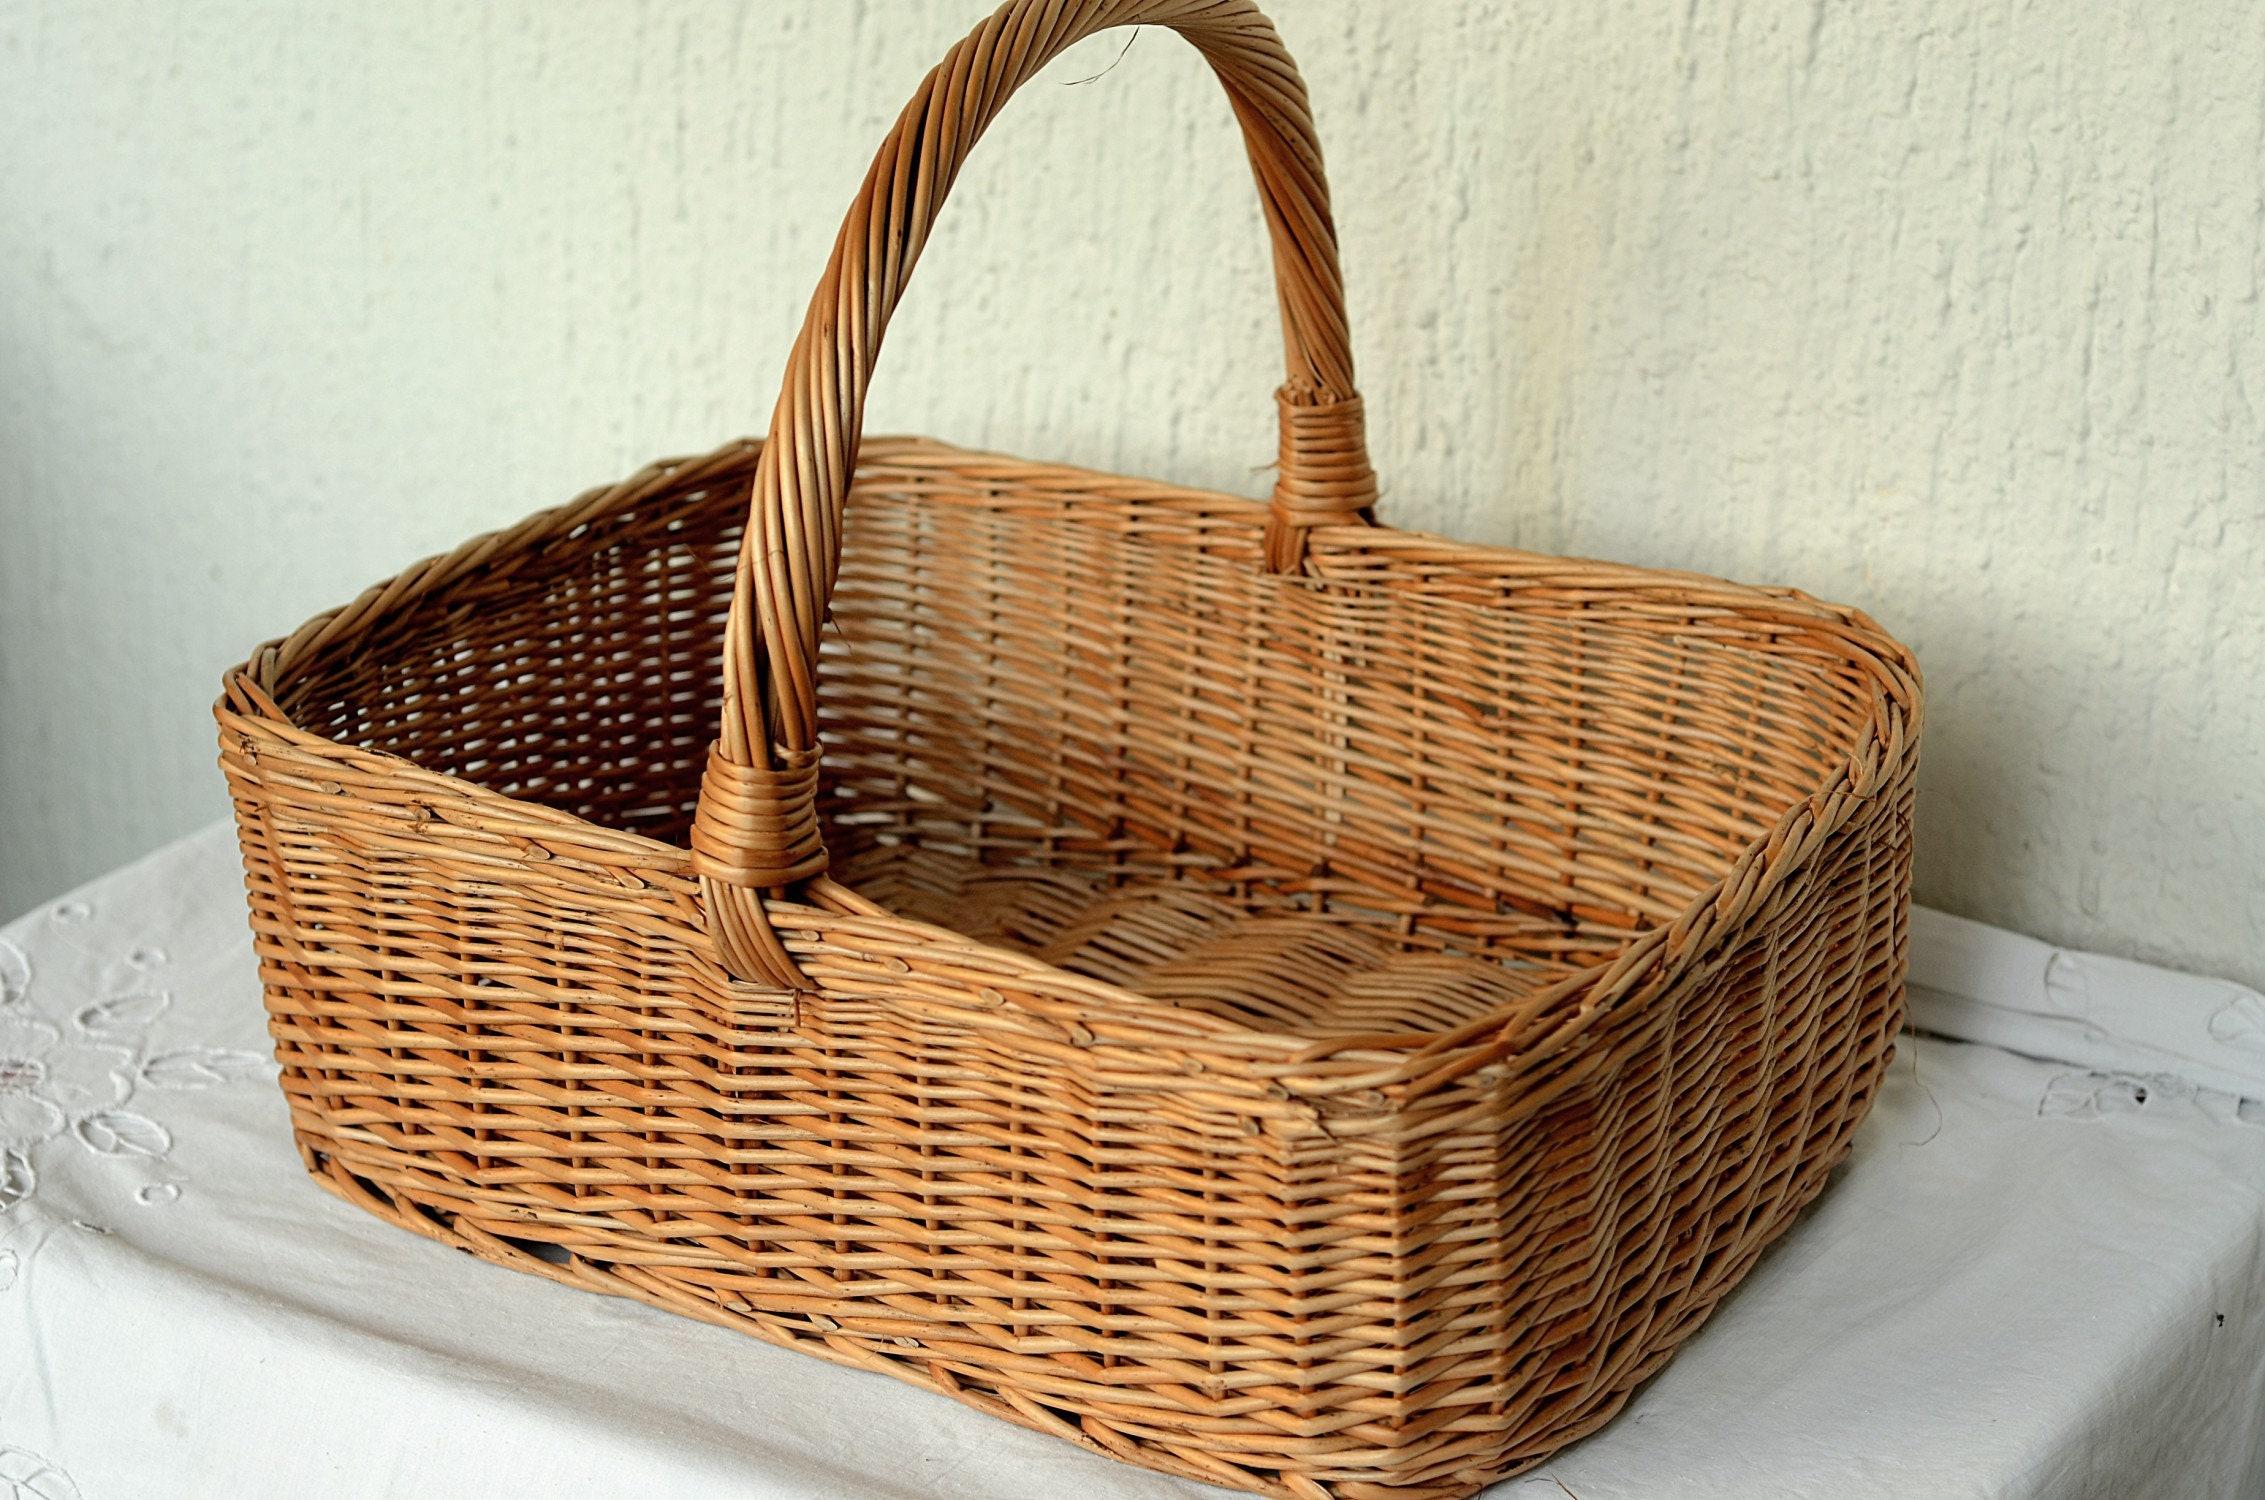 Large Rectangular Wicker Basket Display Basket Large Gift | Etsy